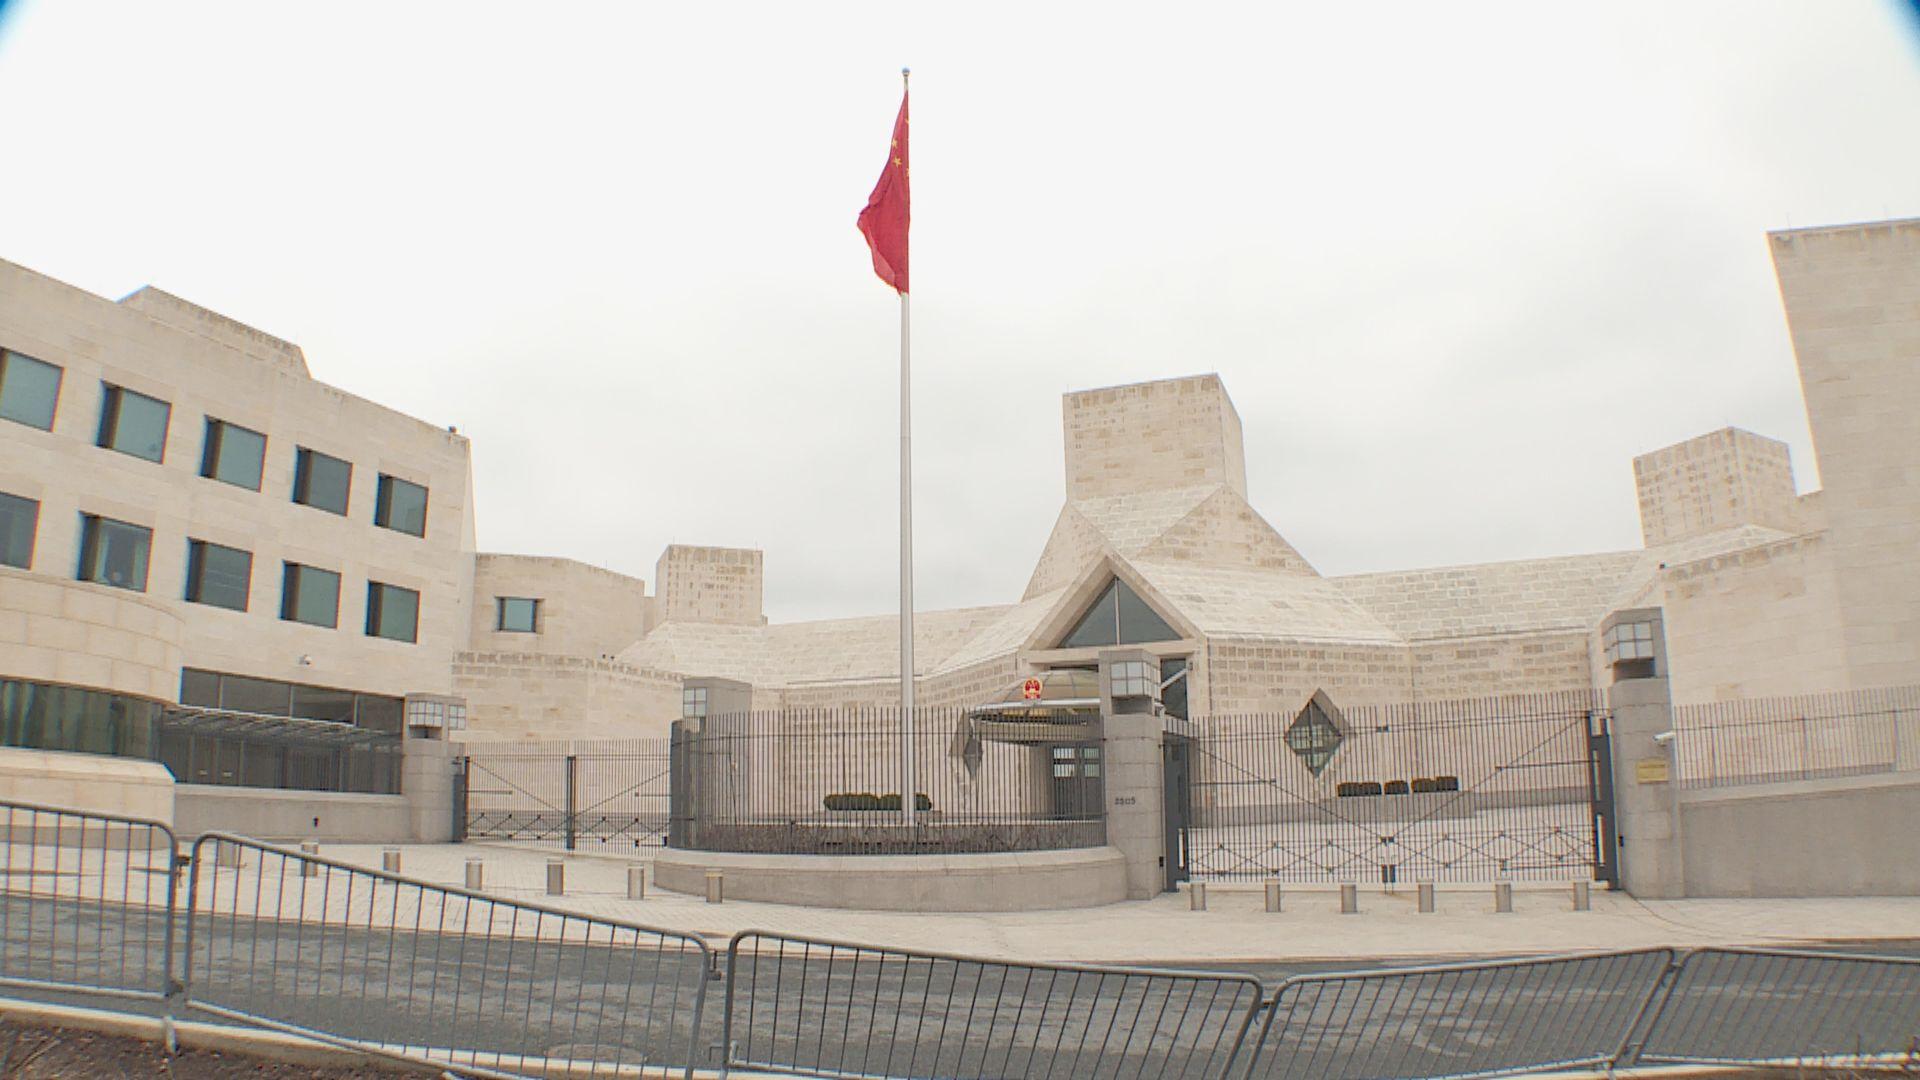 中國外交人員在美部分活動需獲批准 中方批美無端設限